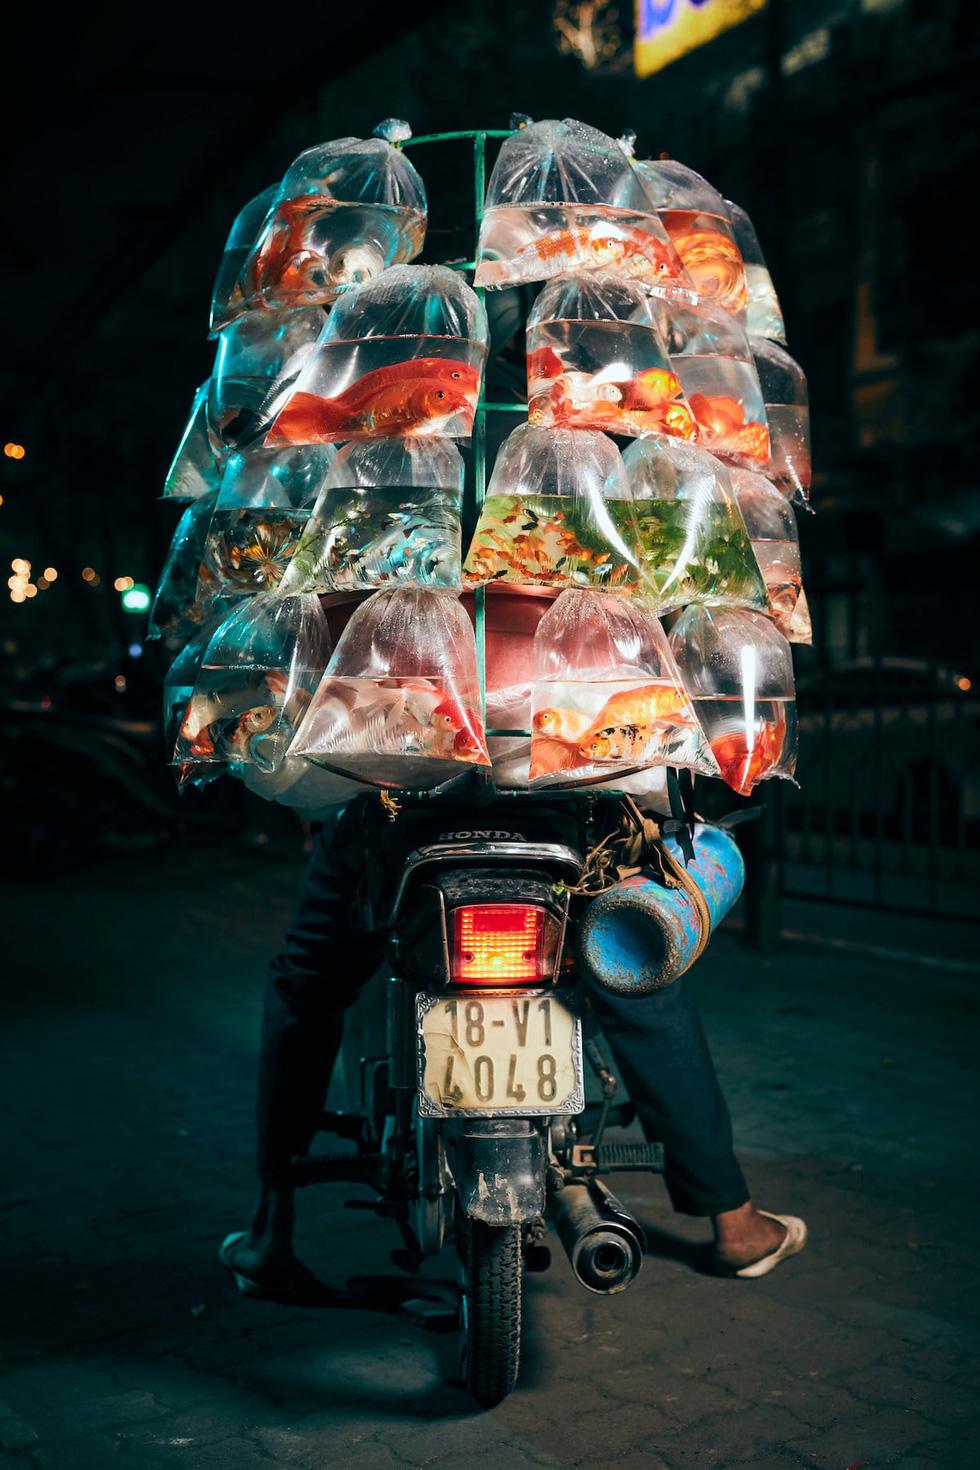 Xe bán cá cảnh rong ở Việt Nam chiến thắng giải ảnh tại Mỹ - Ảnh 1.